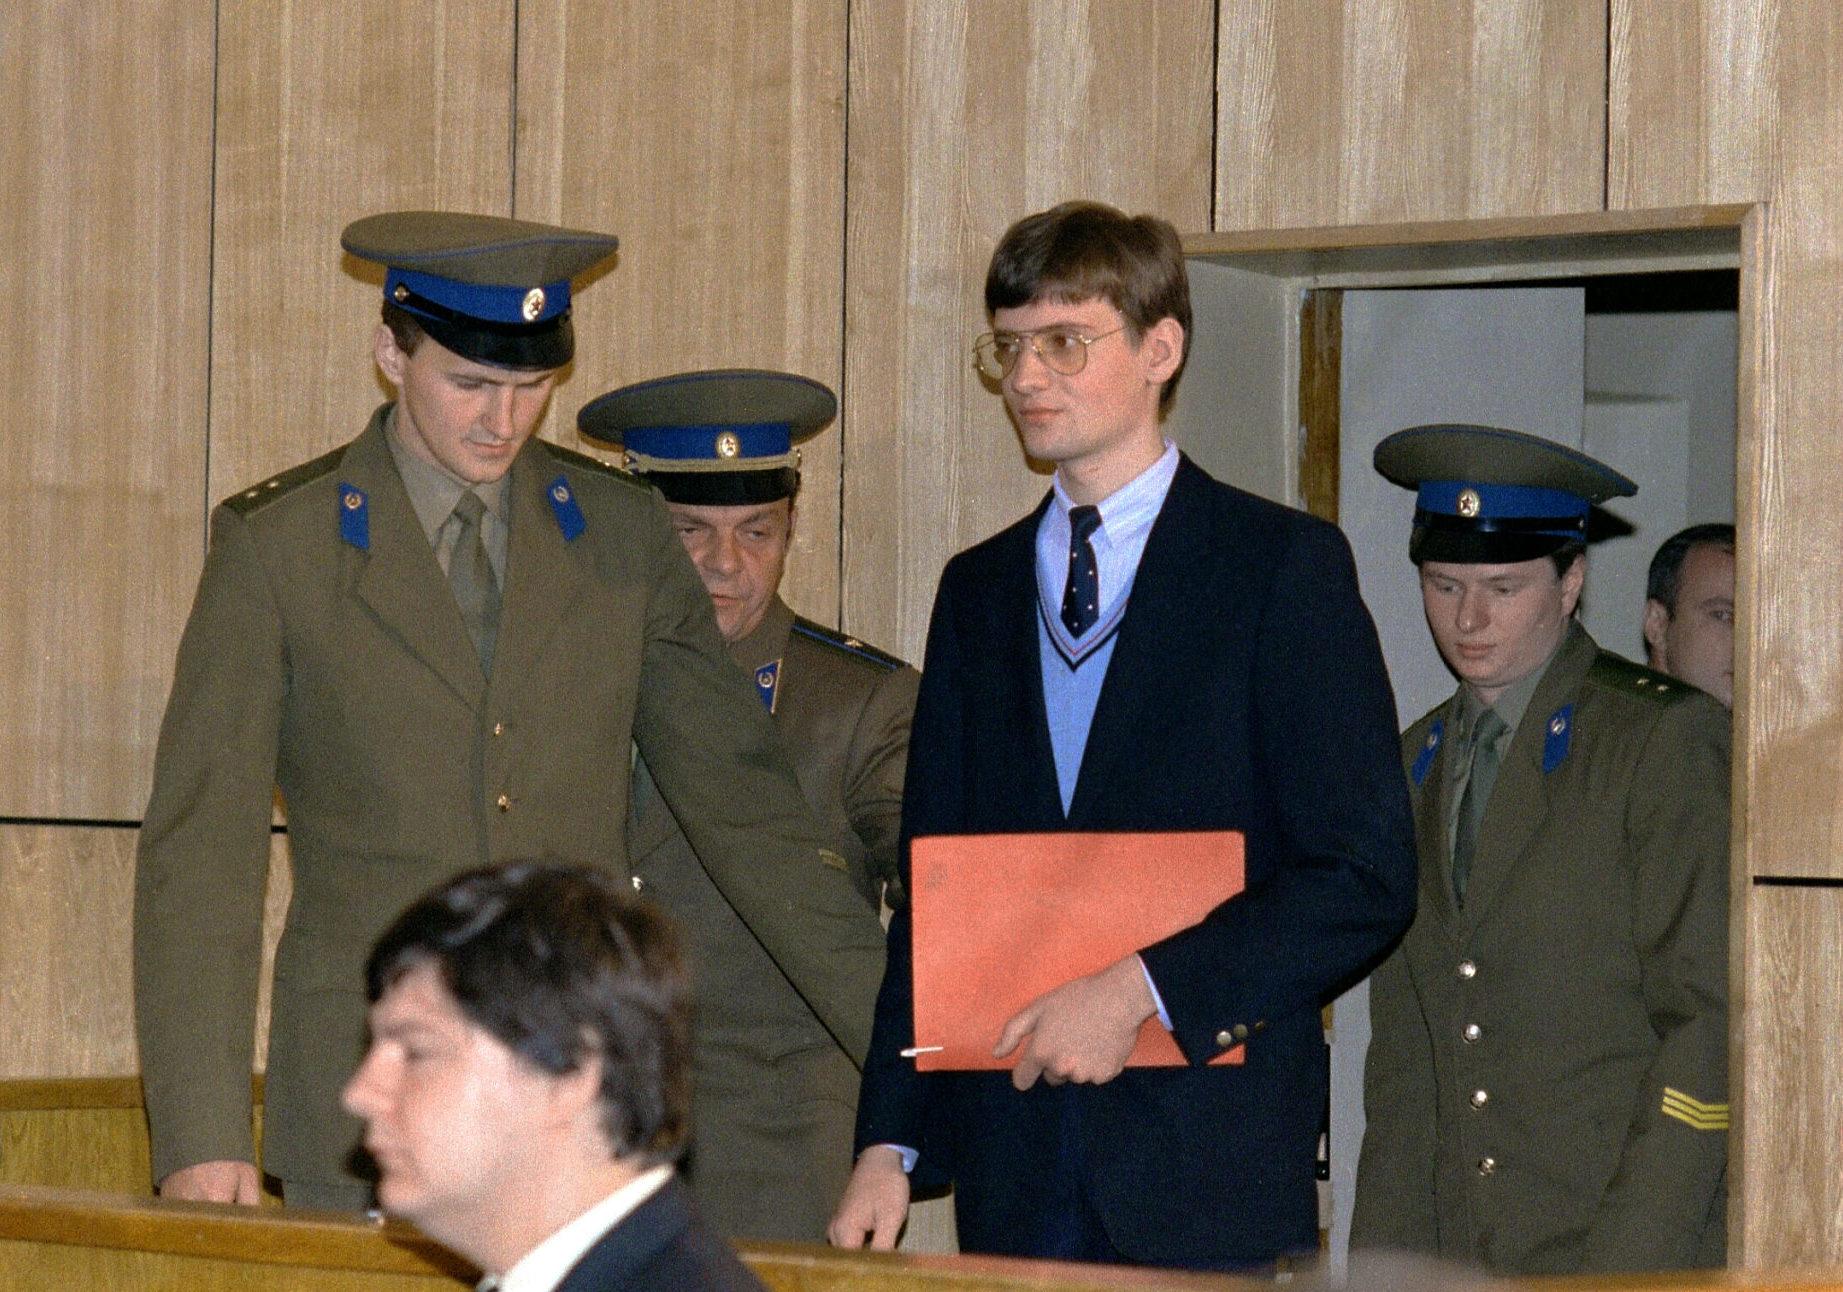 """""""A 19 éves fiatalembert 4 év munkatáborban letöltendő börtönbüntetésre ítélték, ami sokkolta nemcsak Rustot, hanem a nyugati világot is"""" #moszkvater"""